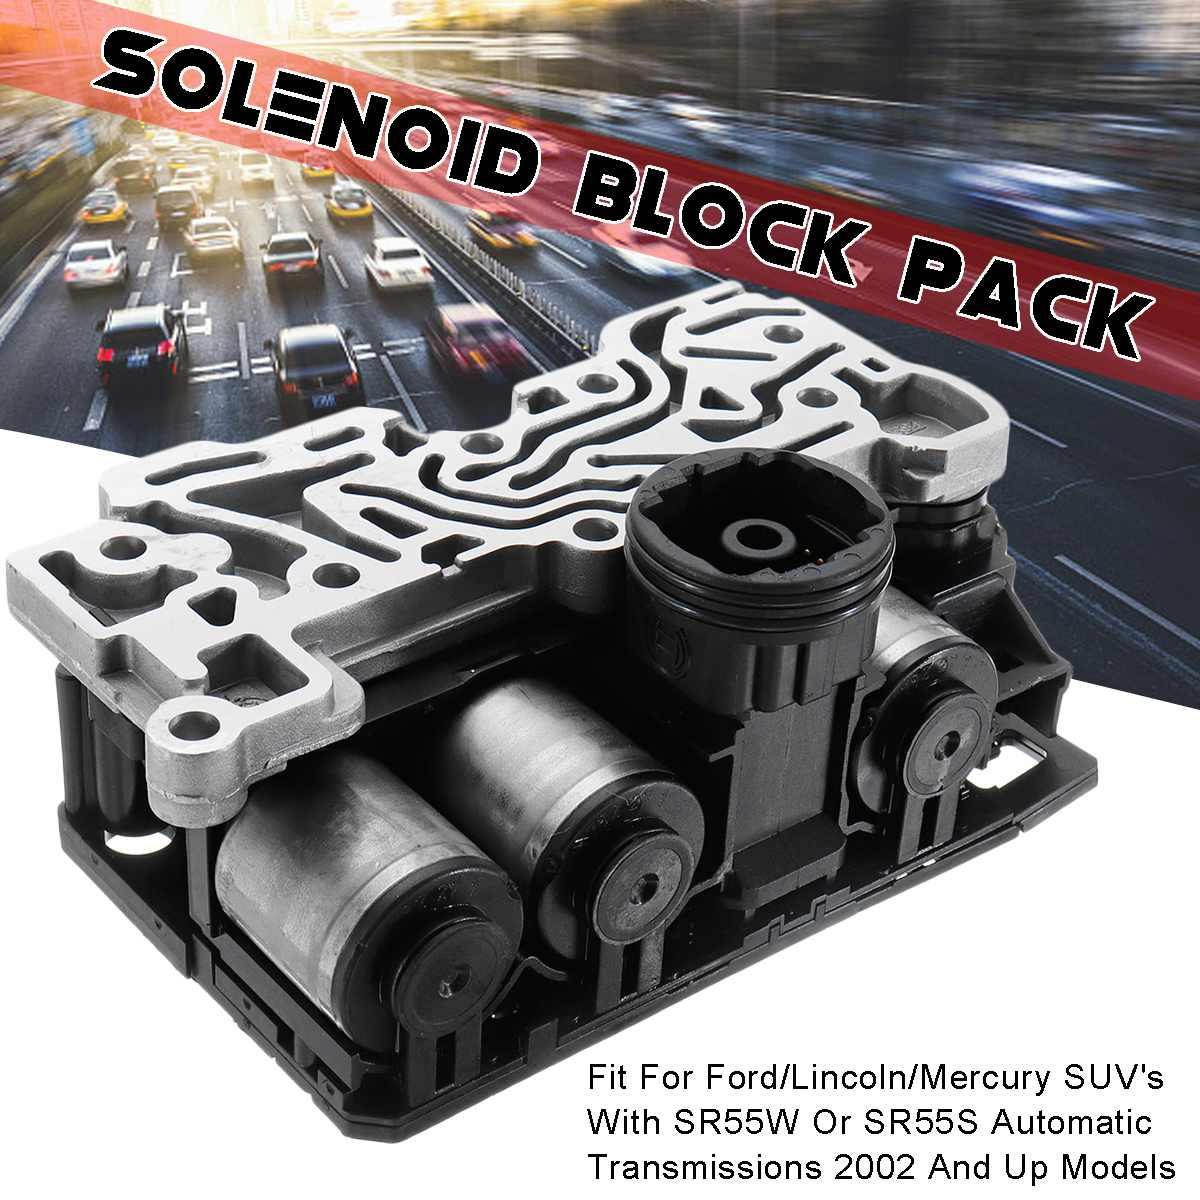 Paquete de bloque de solenoide actualizado para Ford Explorer Mountaineer 5R55S 5R55W automático 15,5x9,5x6,8 cm estabilidad protección contra la corrosión